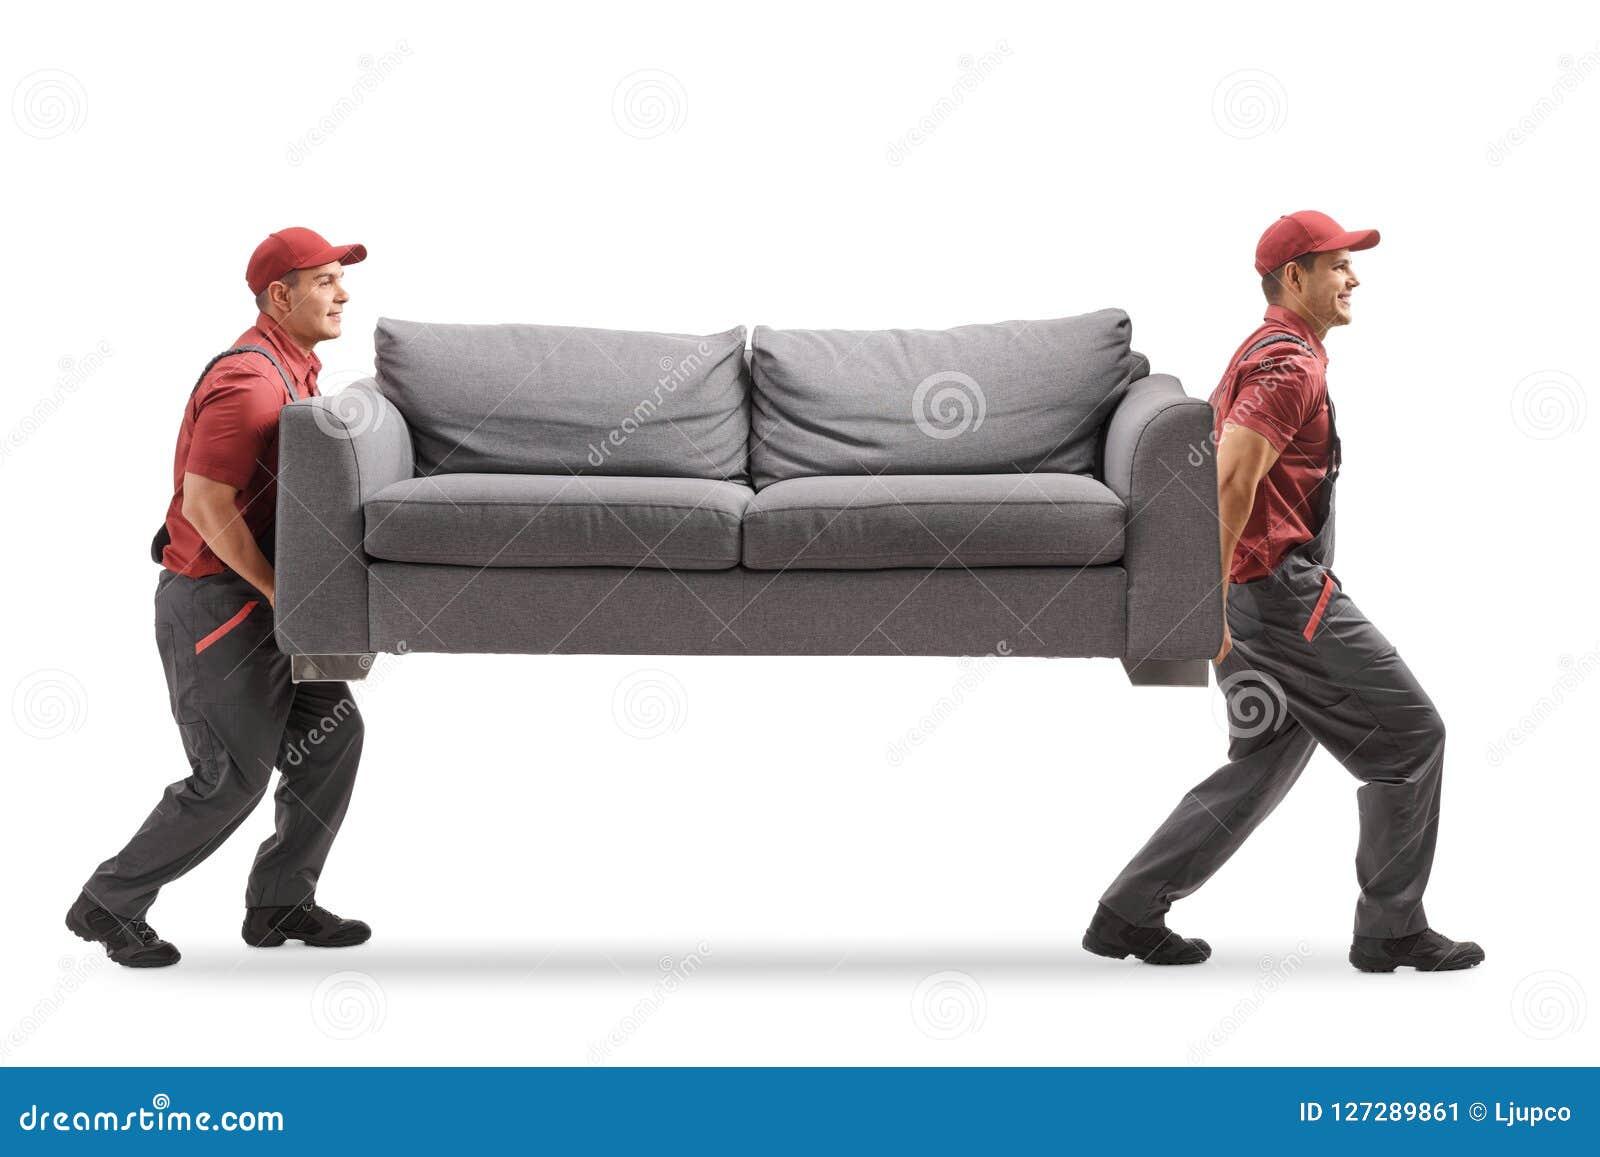 Flyttkarlar som bär en soffa